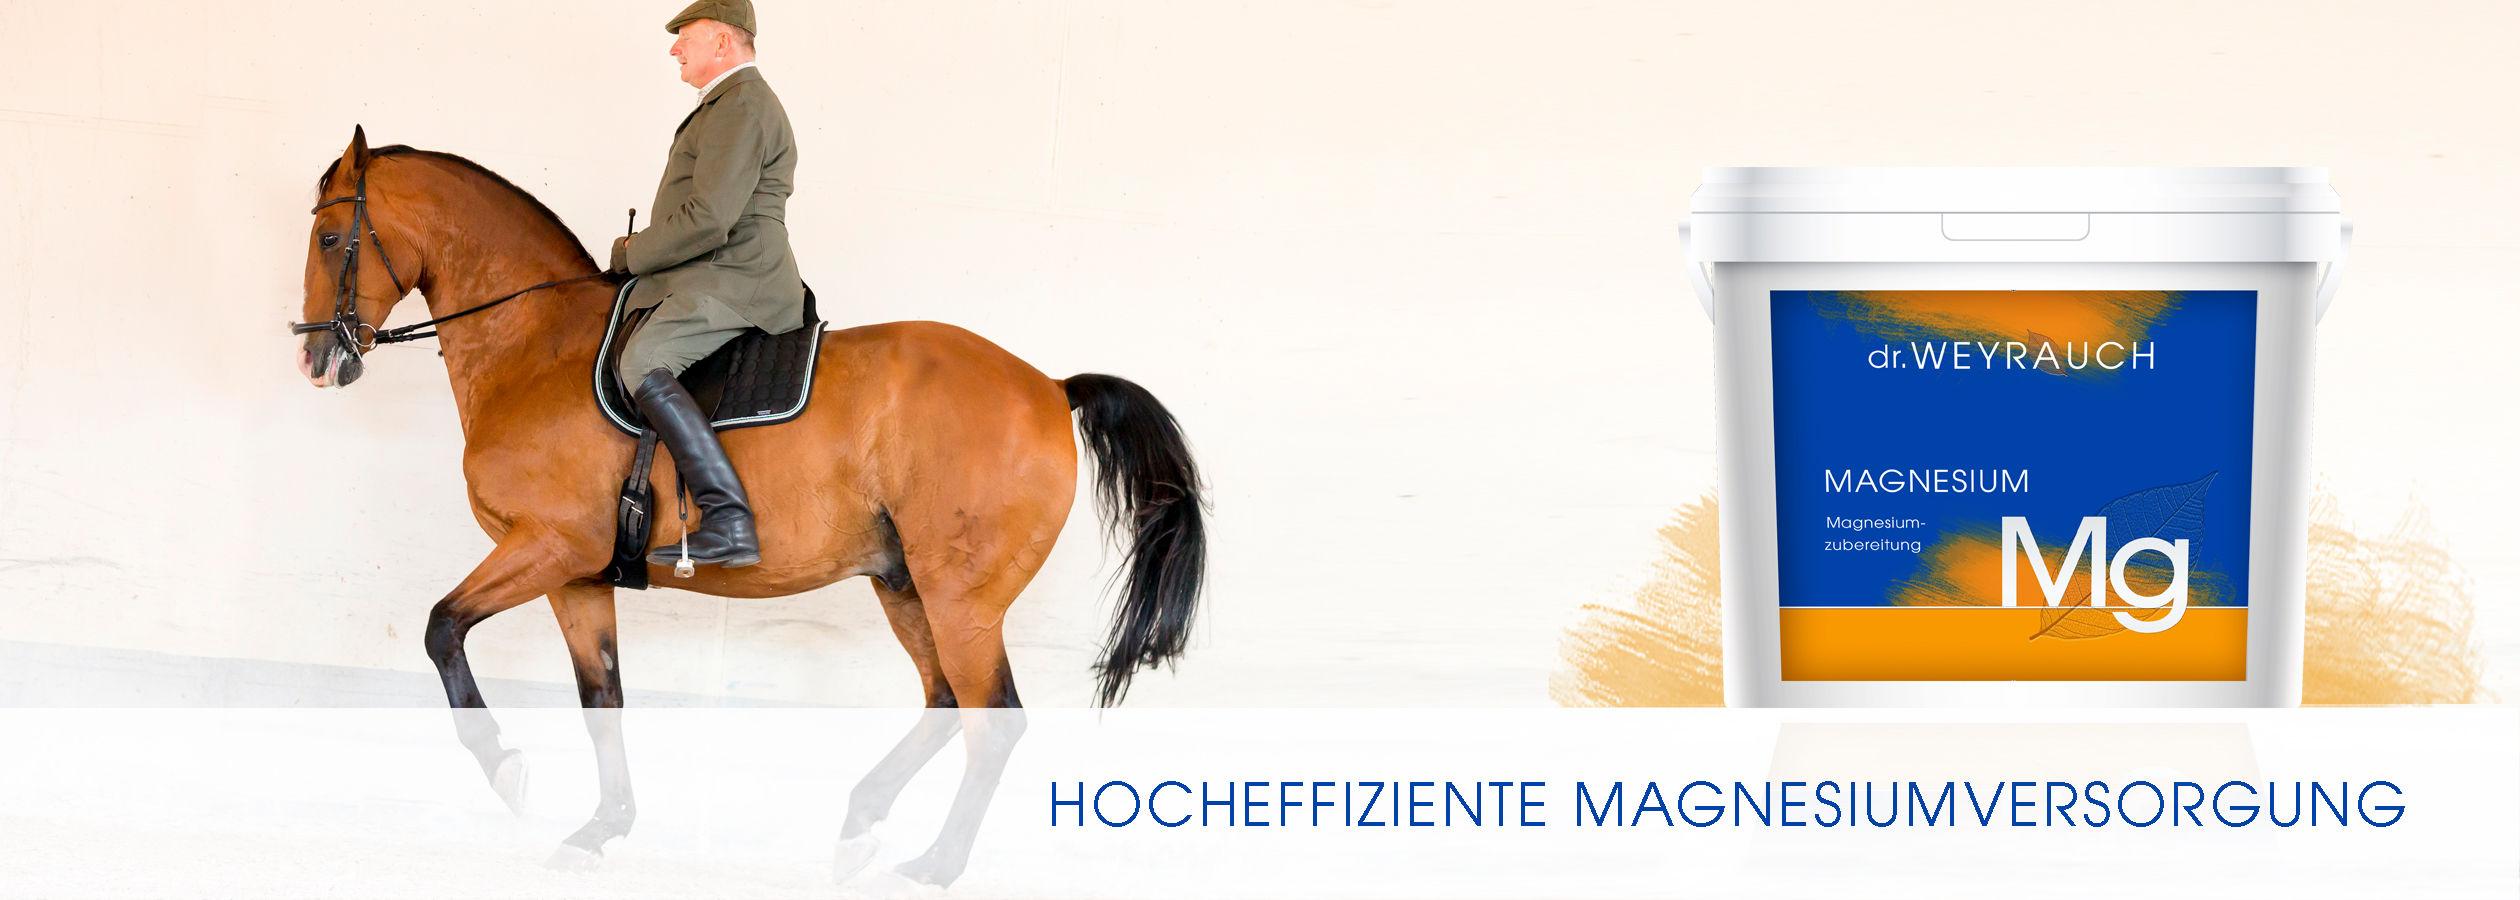 HEADER-2017-Magnesium-Pferd